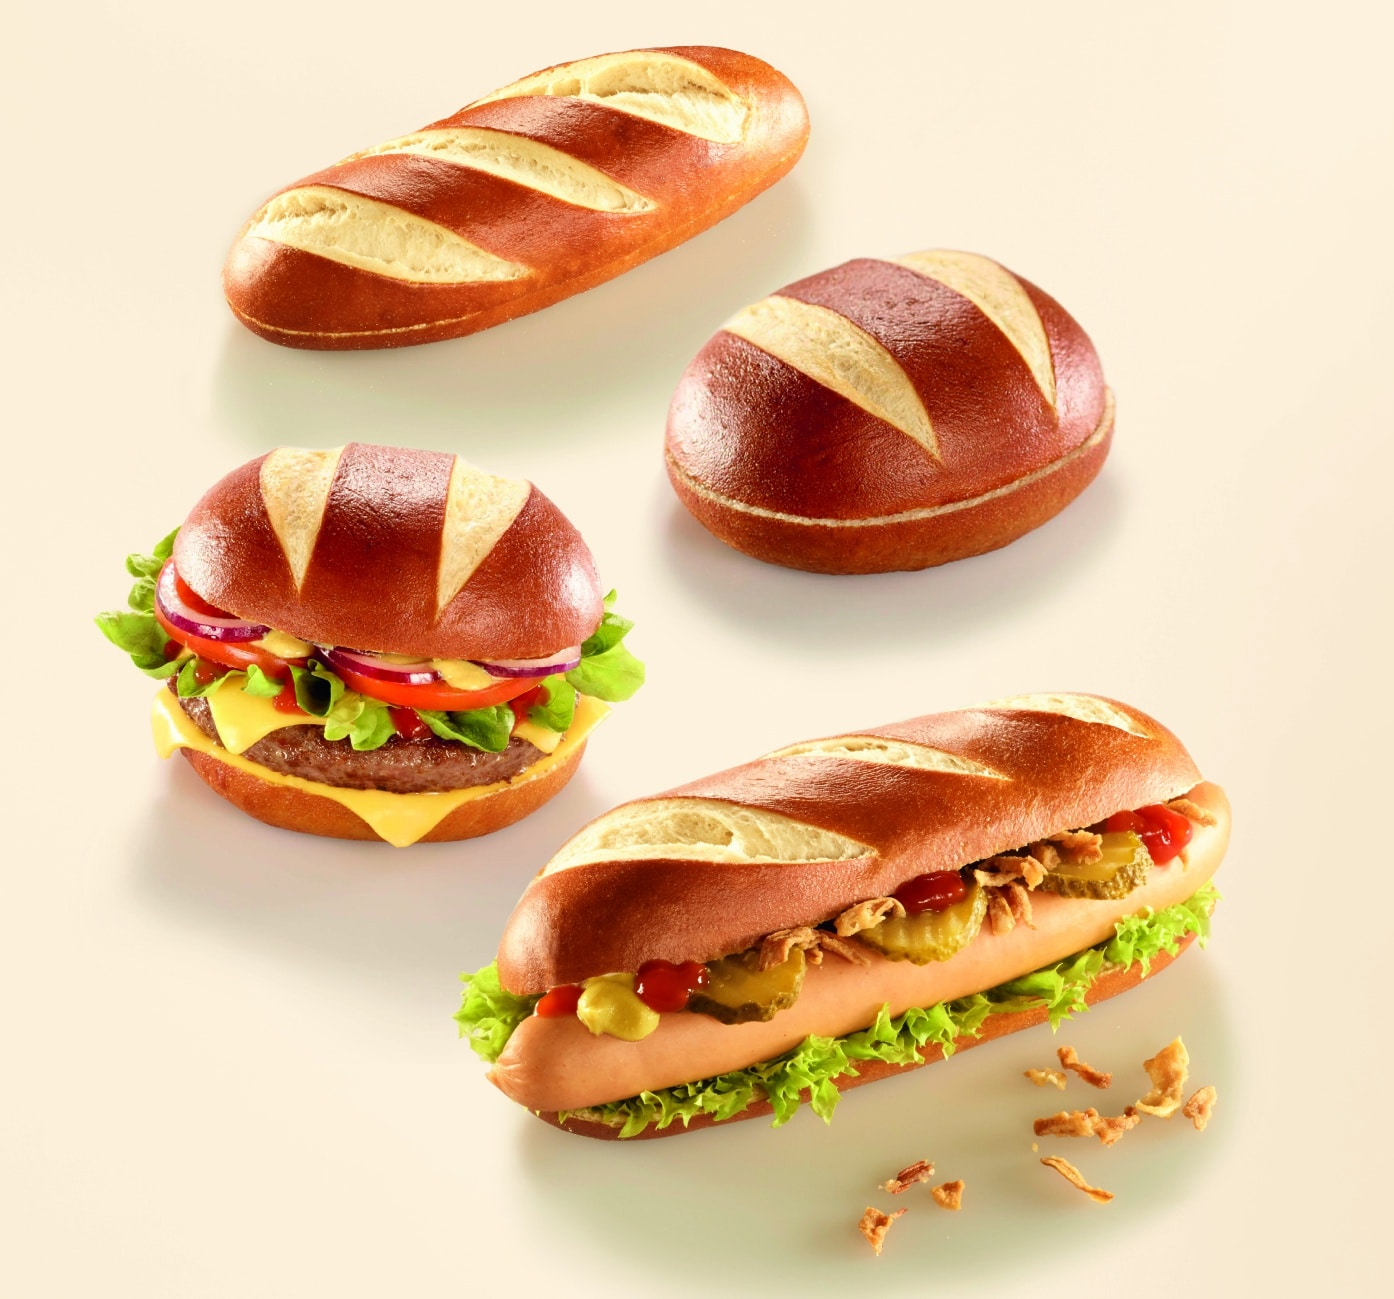 59x55mm Burger Hotdog 1